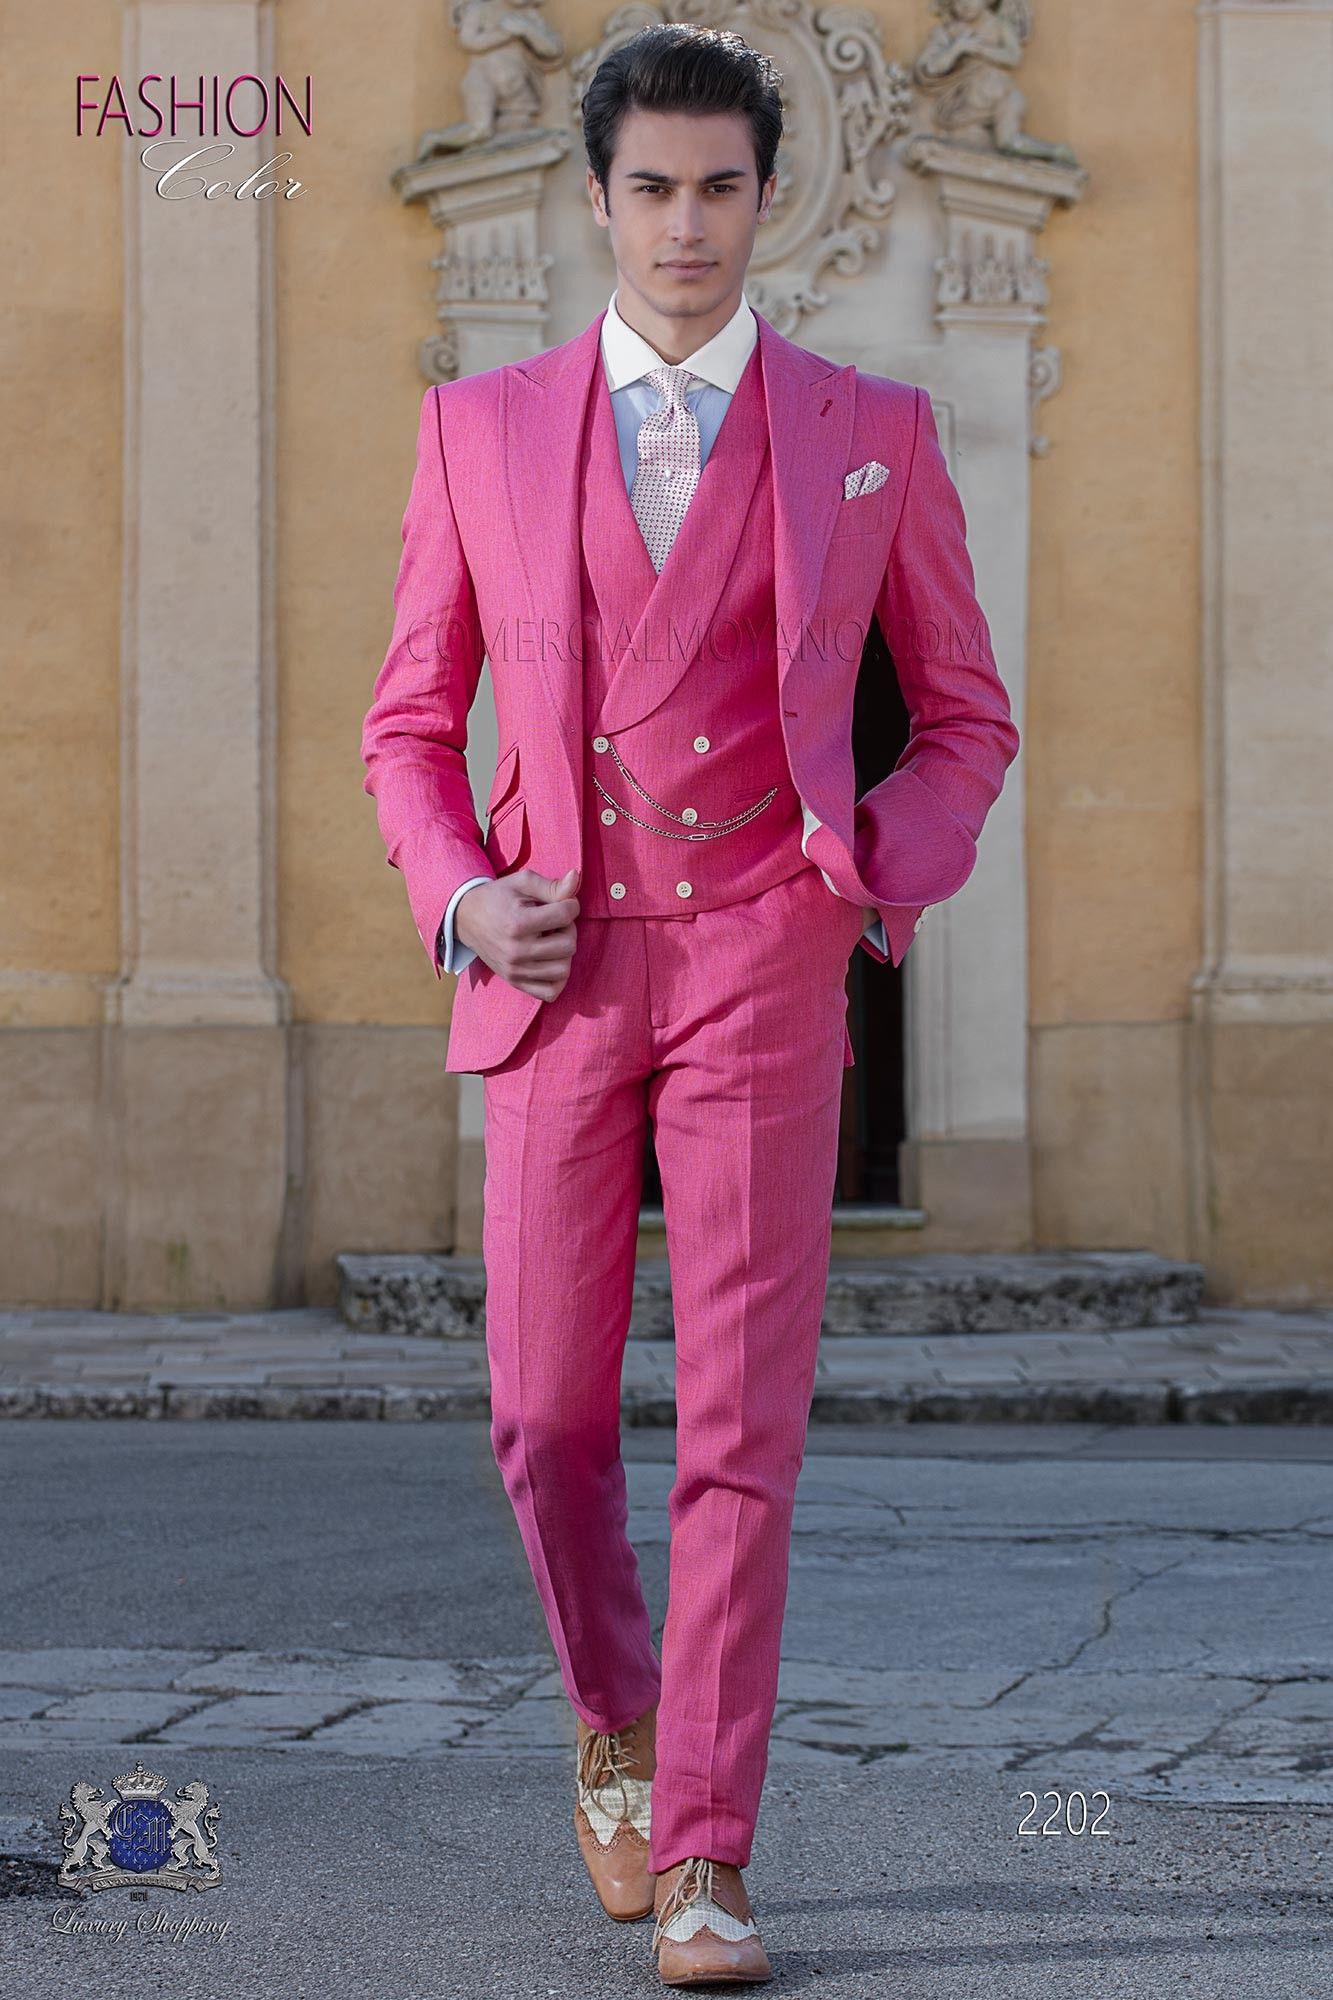 Leinen Anzug Herren Hochzeit  Italienisch Anzug rose aus reiner Leinen in 2019